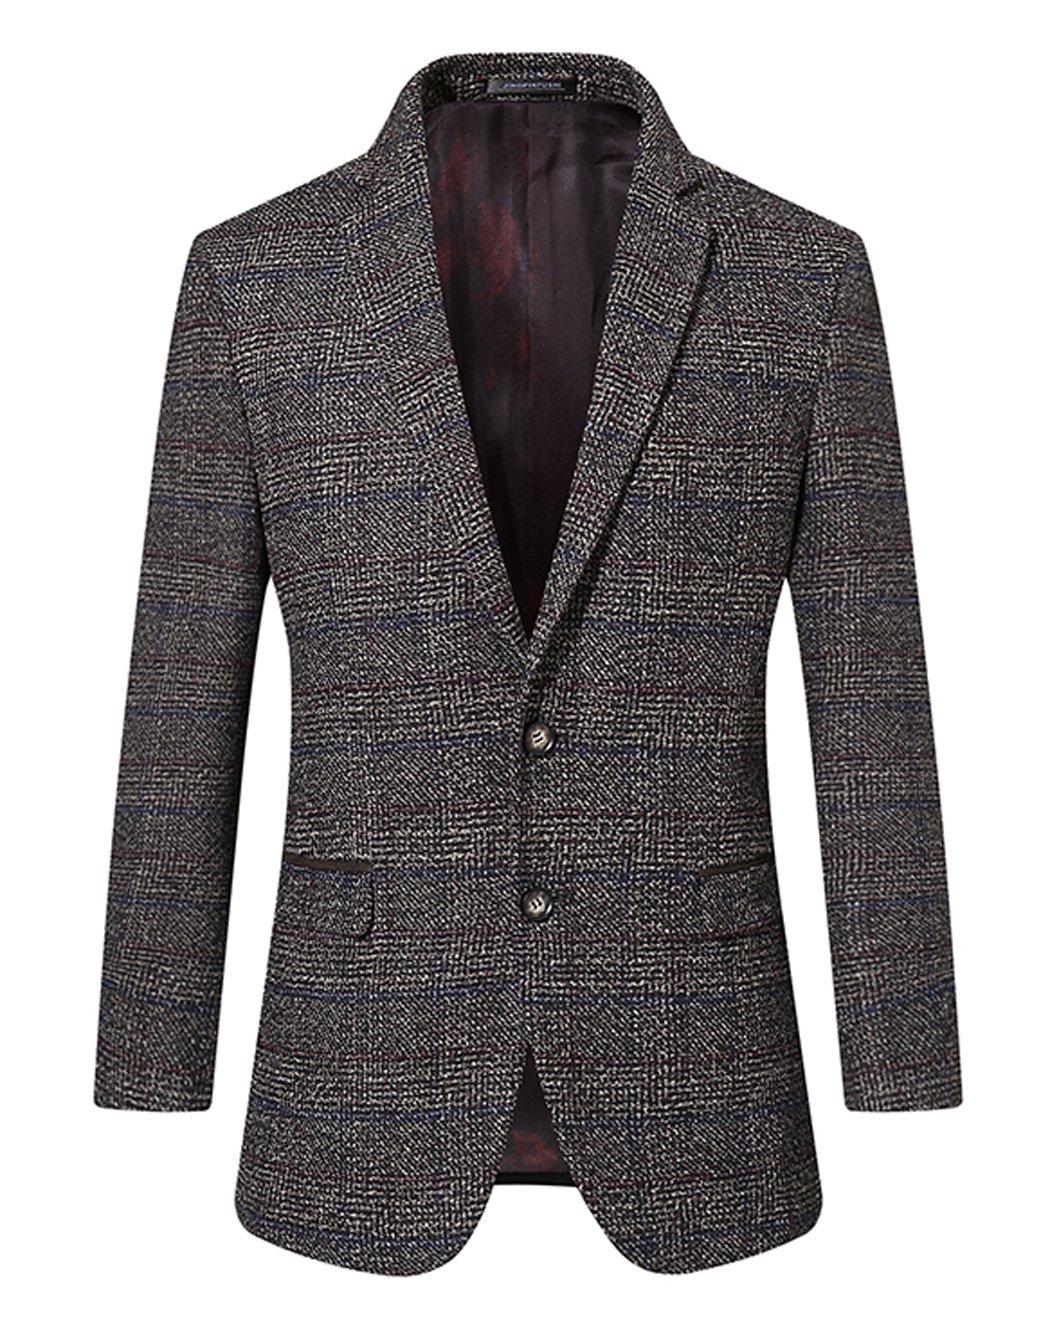 UNbox Mens Dress Casual Business Suit Two Button Slim Fit Suit Khaki XL by UNbox (Image #2)